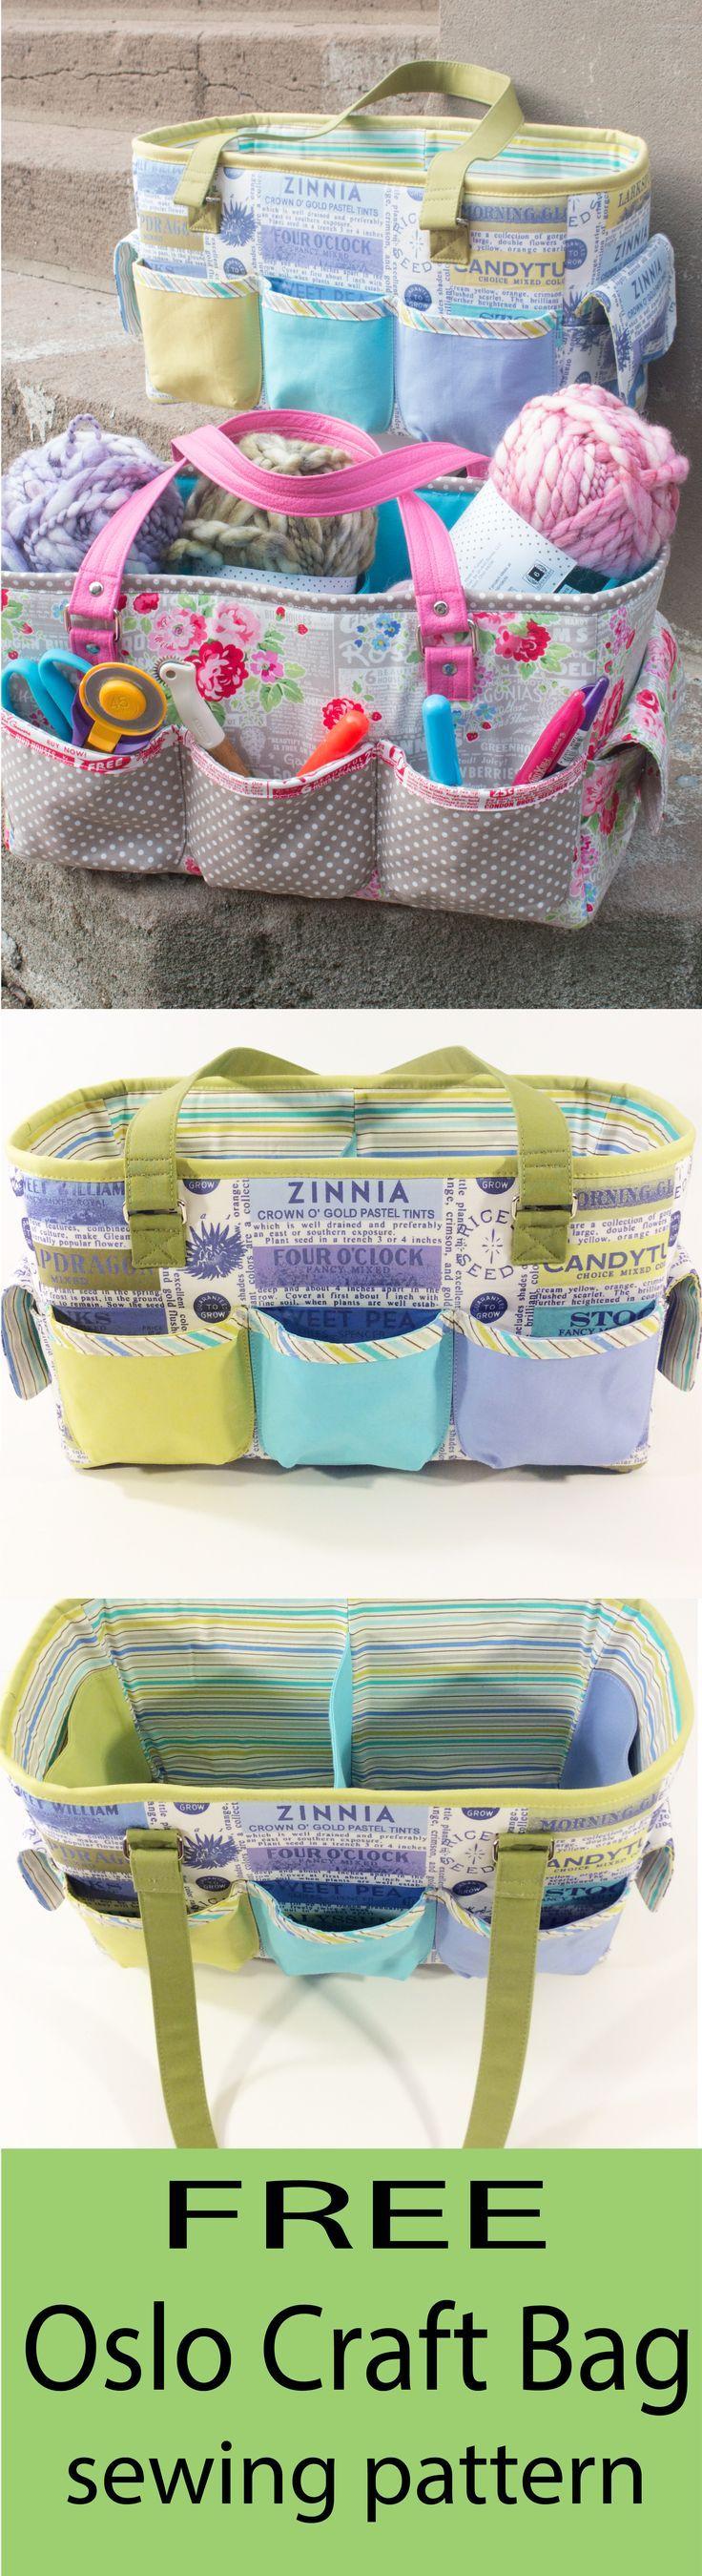 Free oslo craft bag pattern bag sewing patterns free sewing and free sew sweetness oslo craft bag sewing pattern jeuxipadfo Choice Image